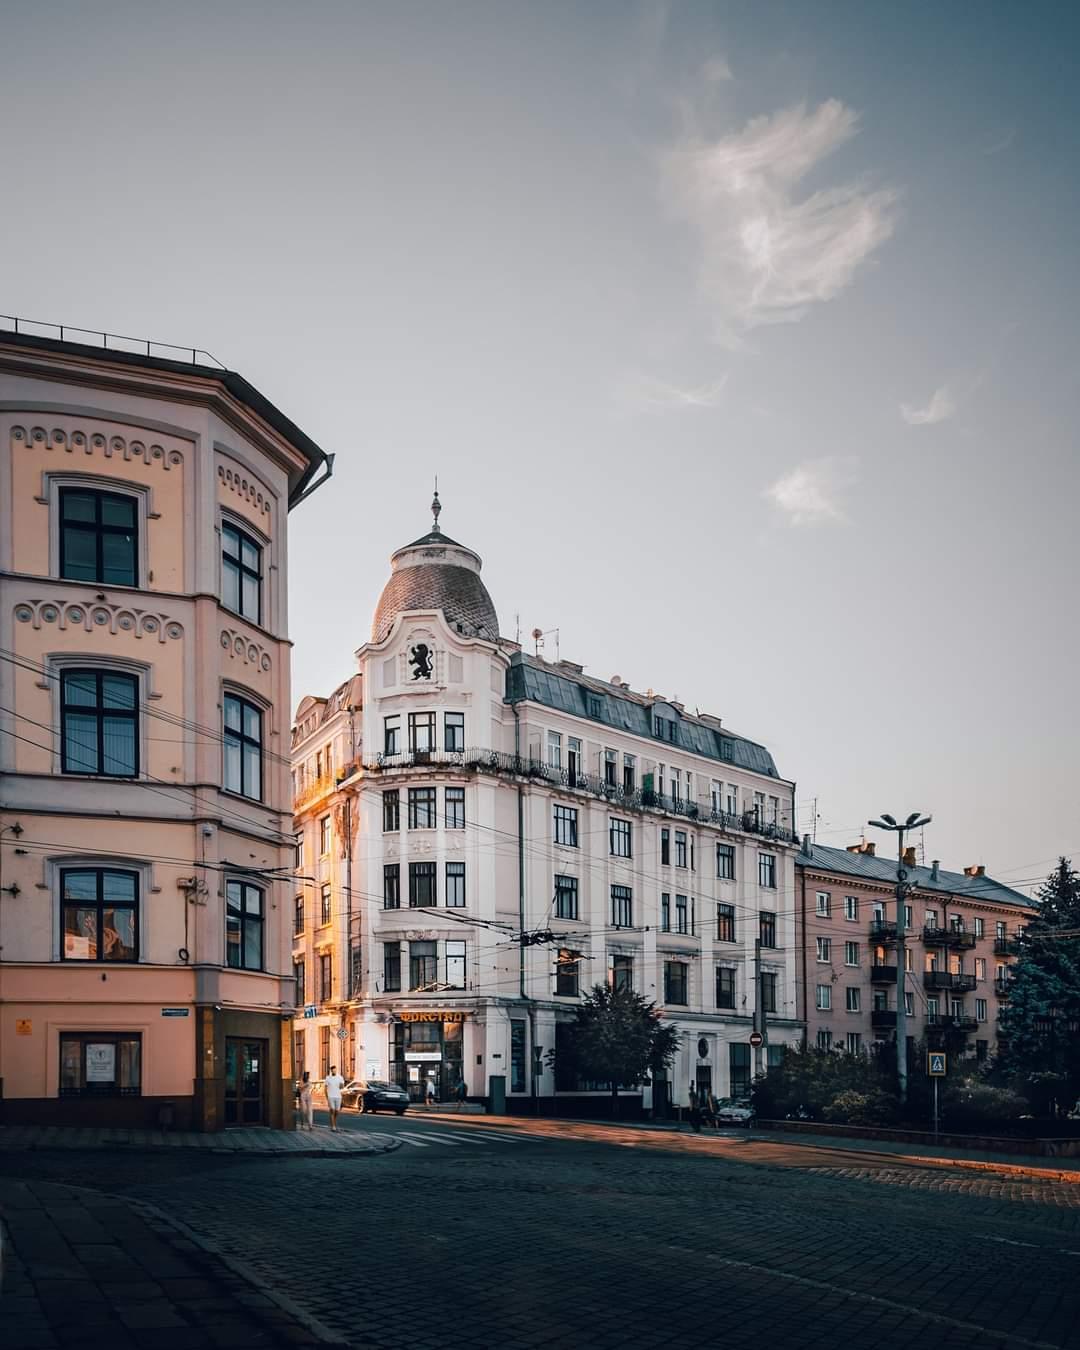 Houses in Ukraine City